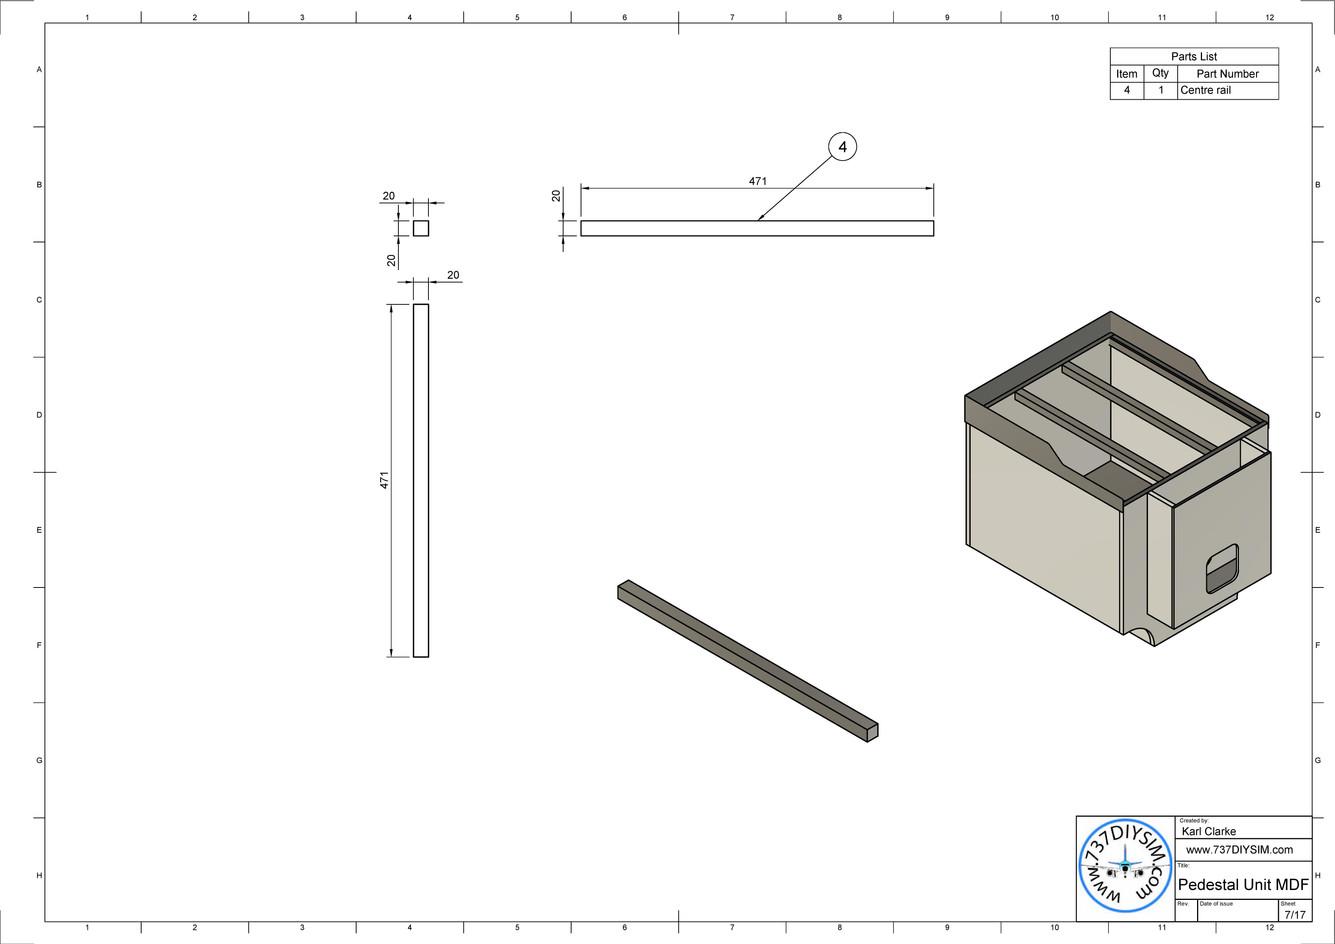 Pedestal Unit MDF Drawing v2-page-007.jp